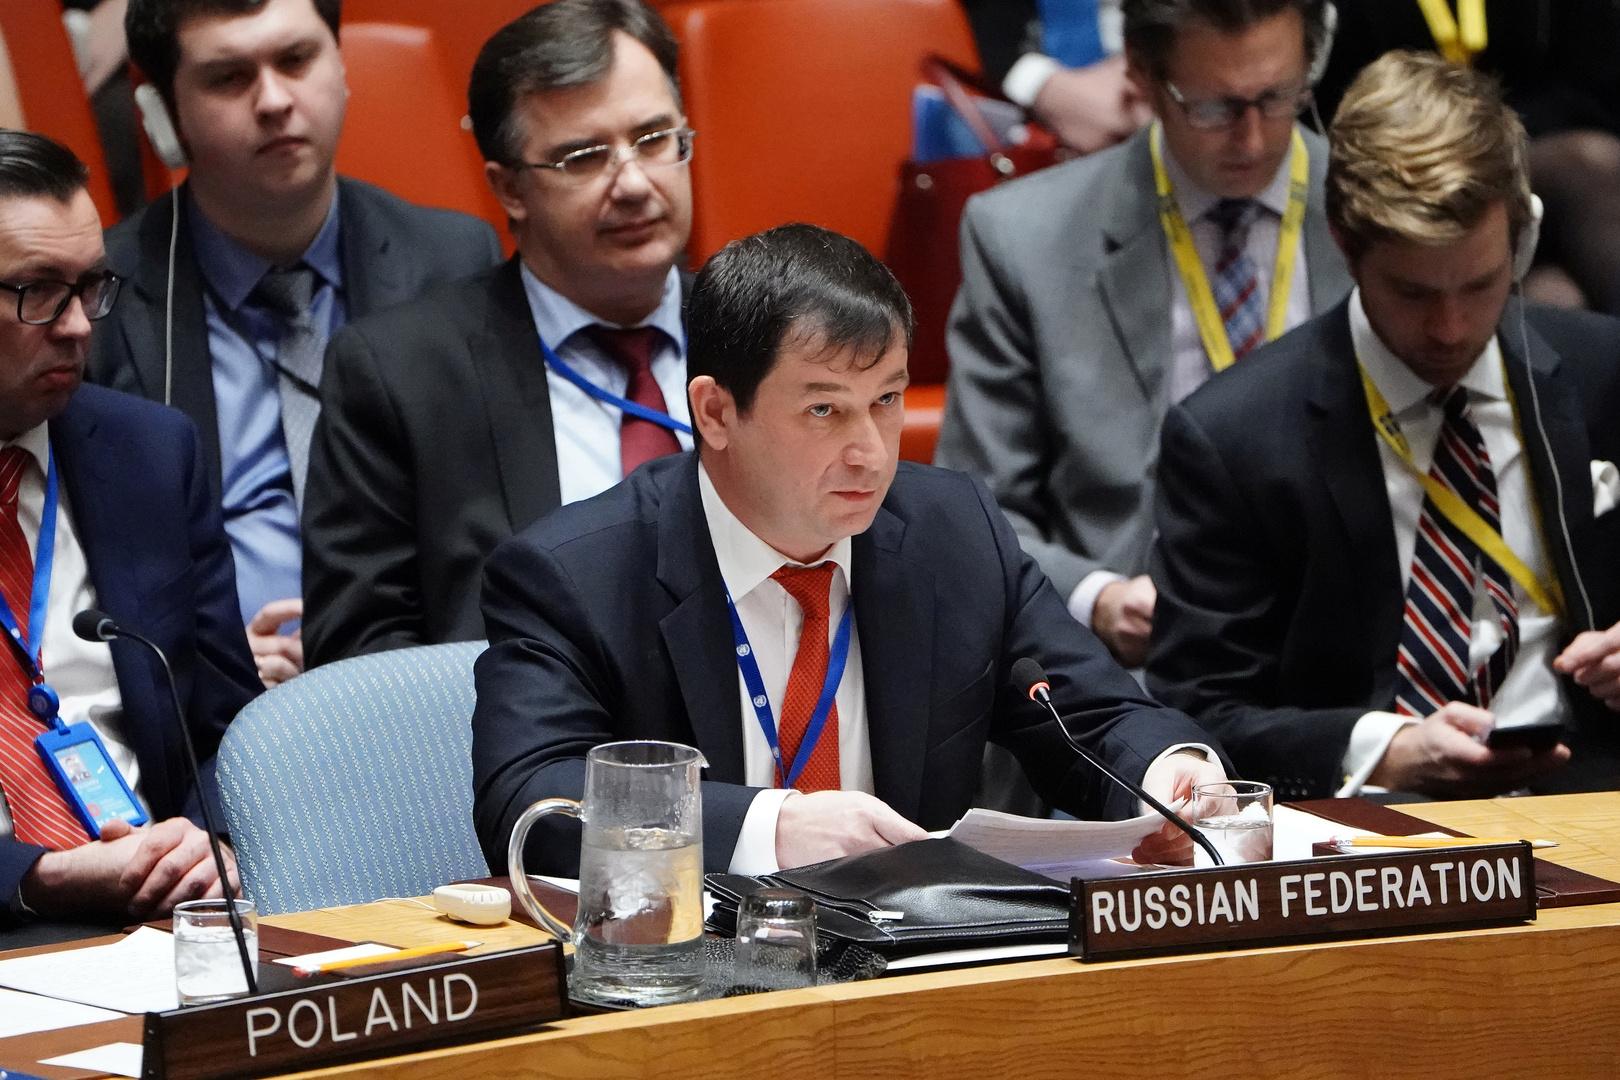 النائب الأول لمندوب روسيا الدائم لدى الأمم المتحدة دميتري بوليانسكي